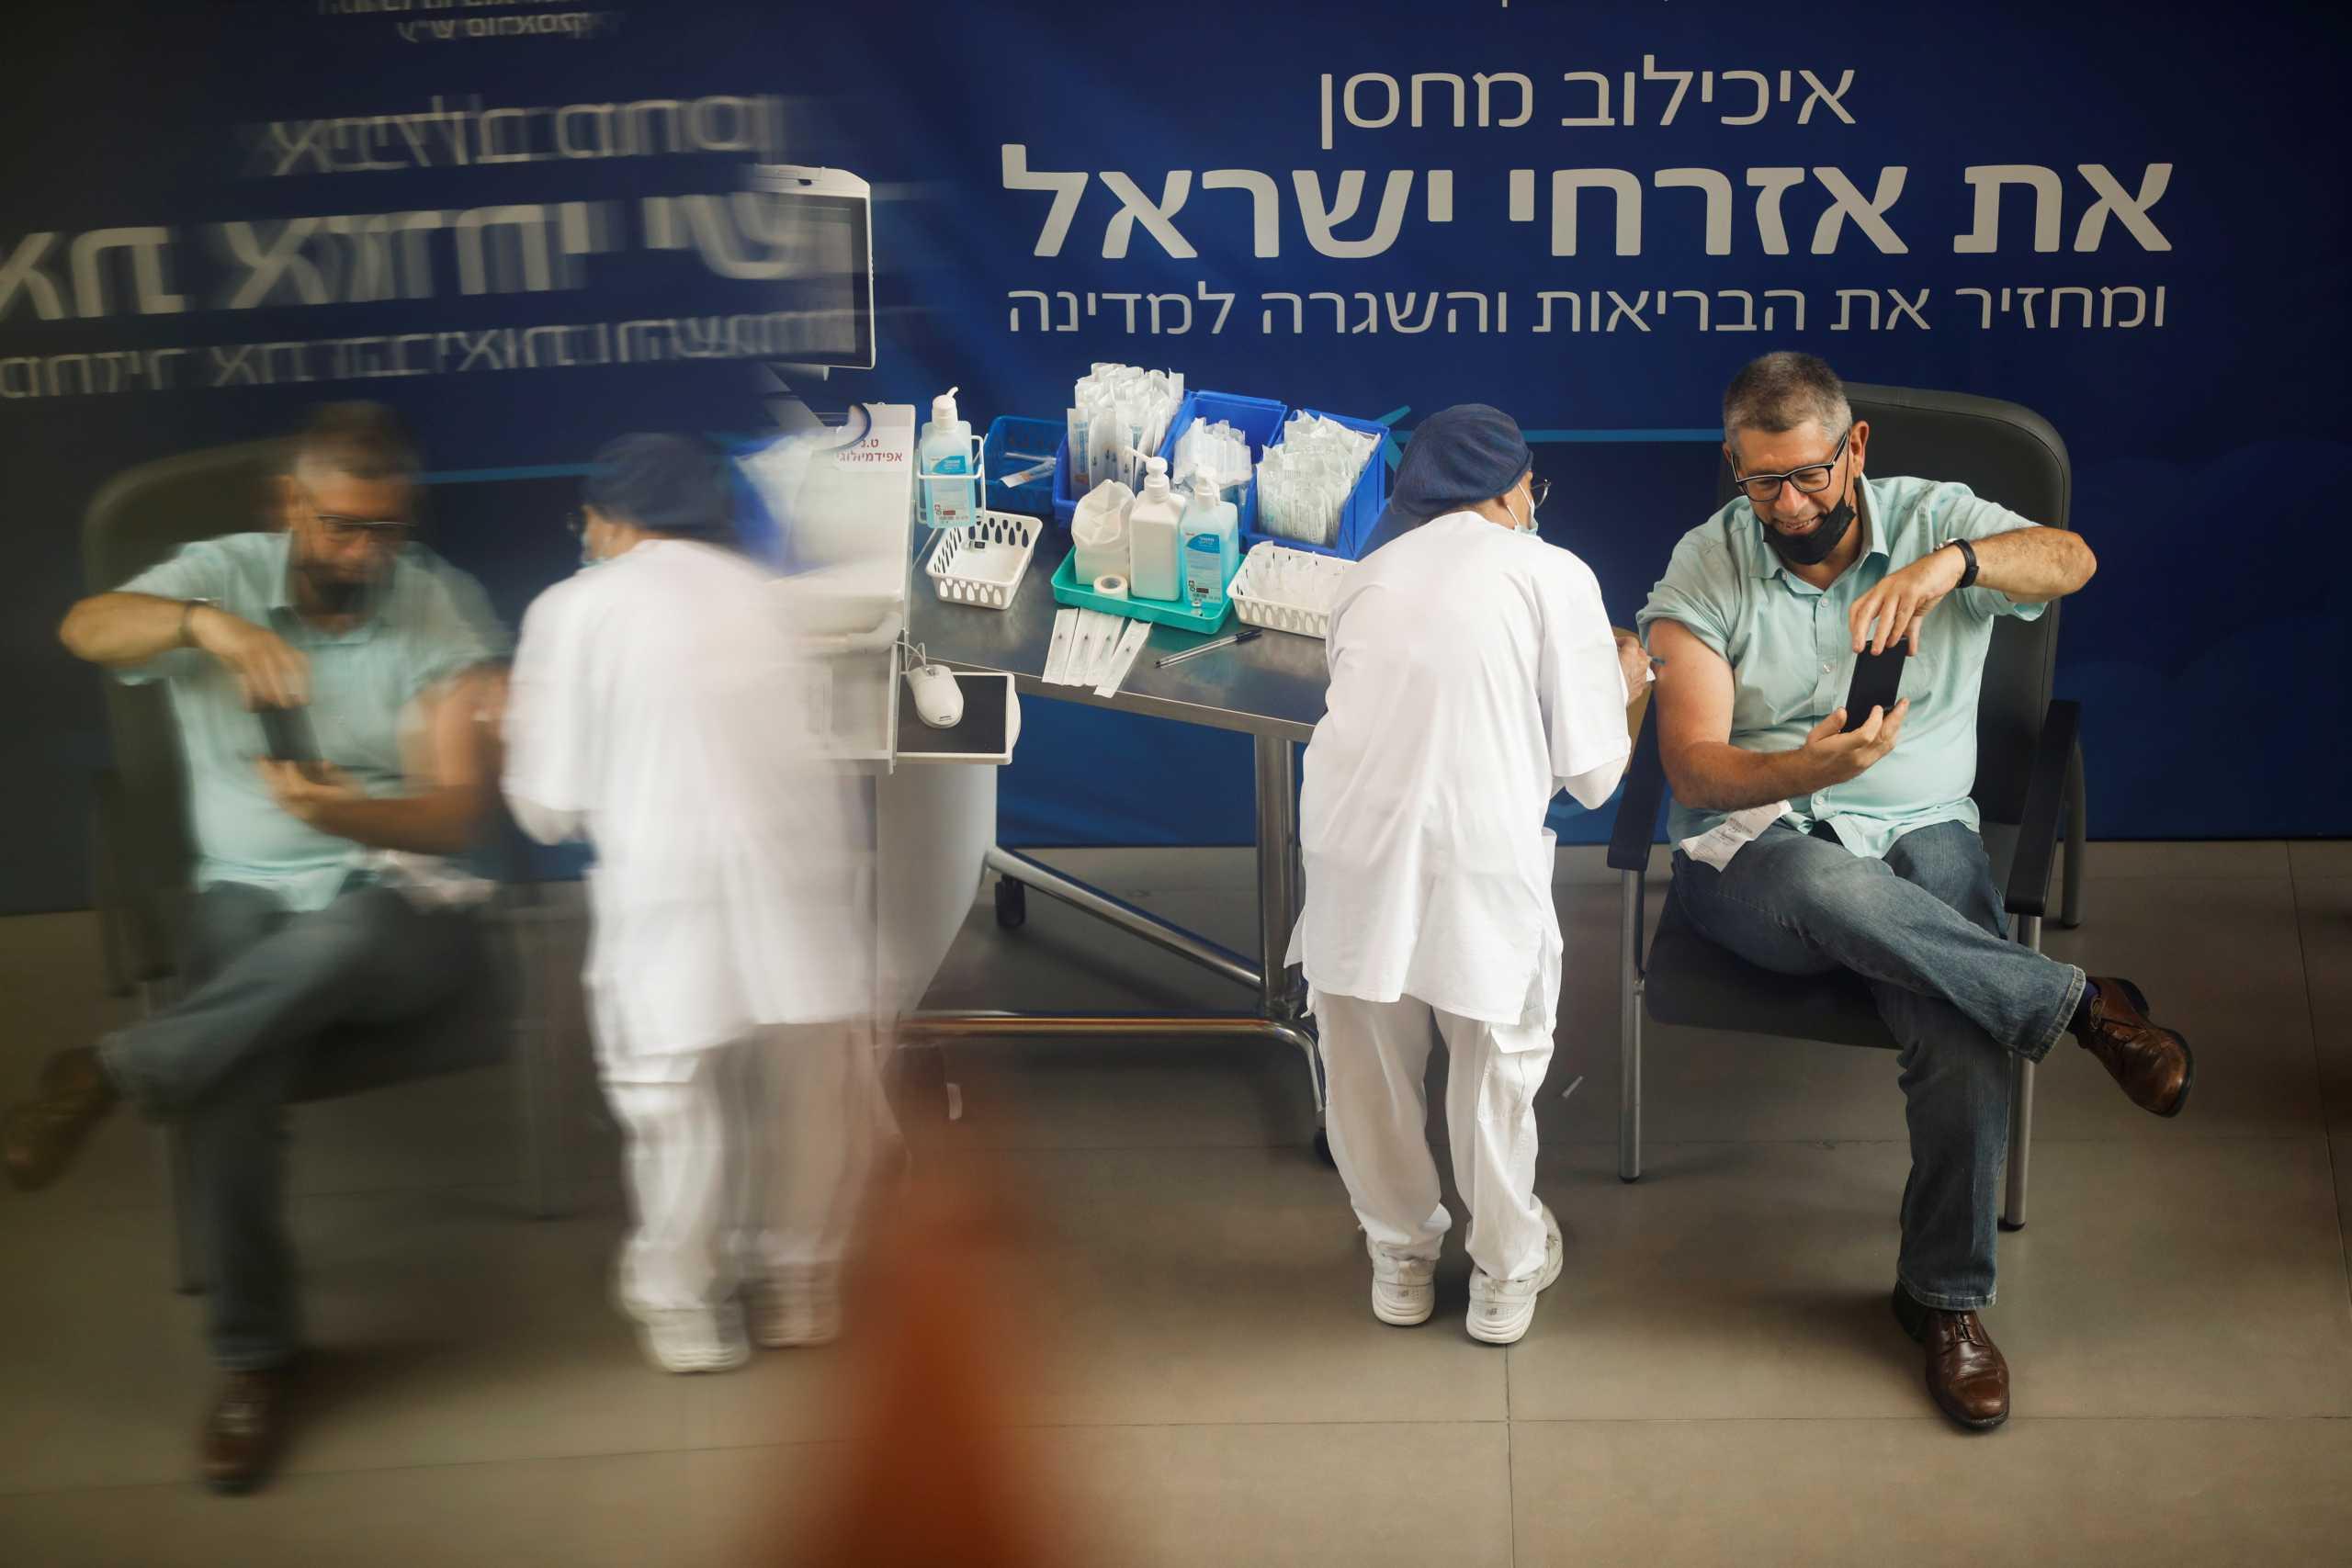 Κορονοϊός: Από 40 ετών θα κάνουν και τρίτη δόση εμβολίου στο Ισραήλ